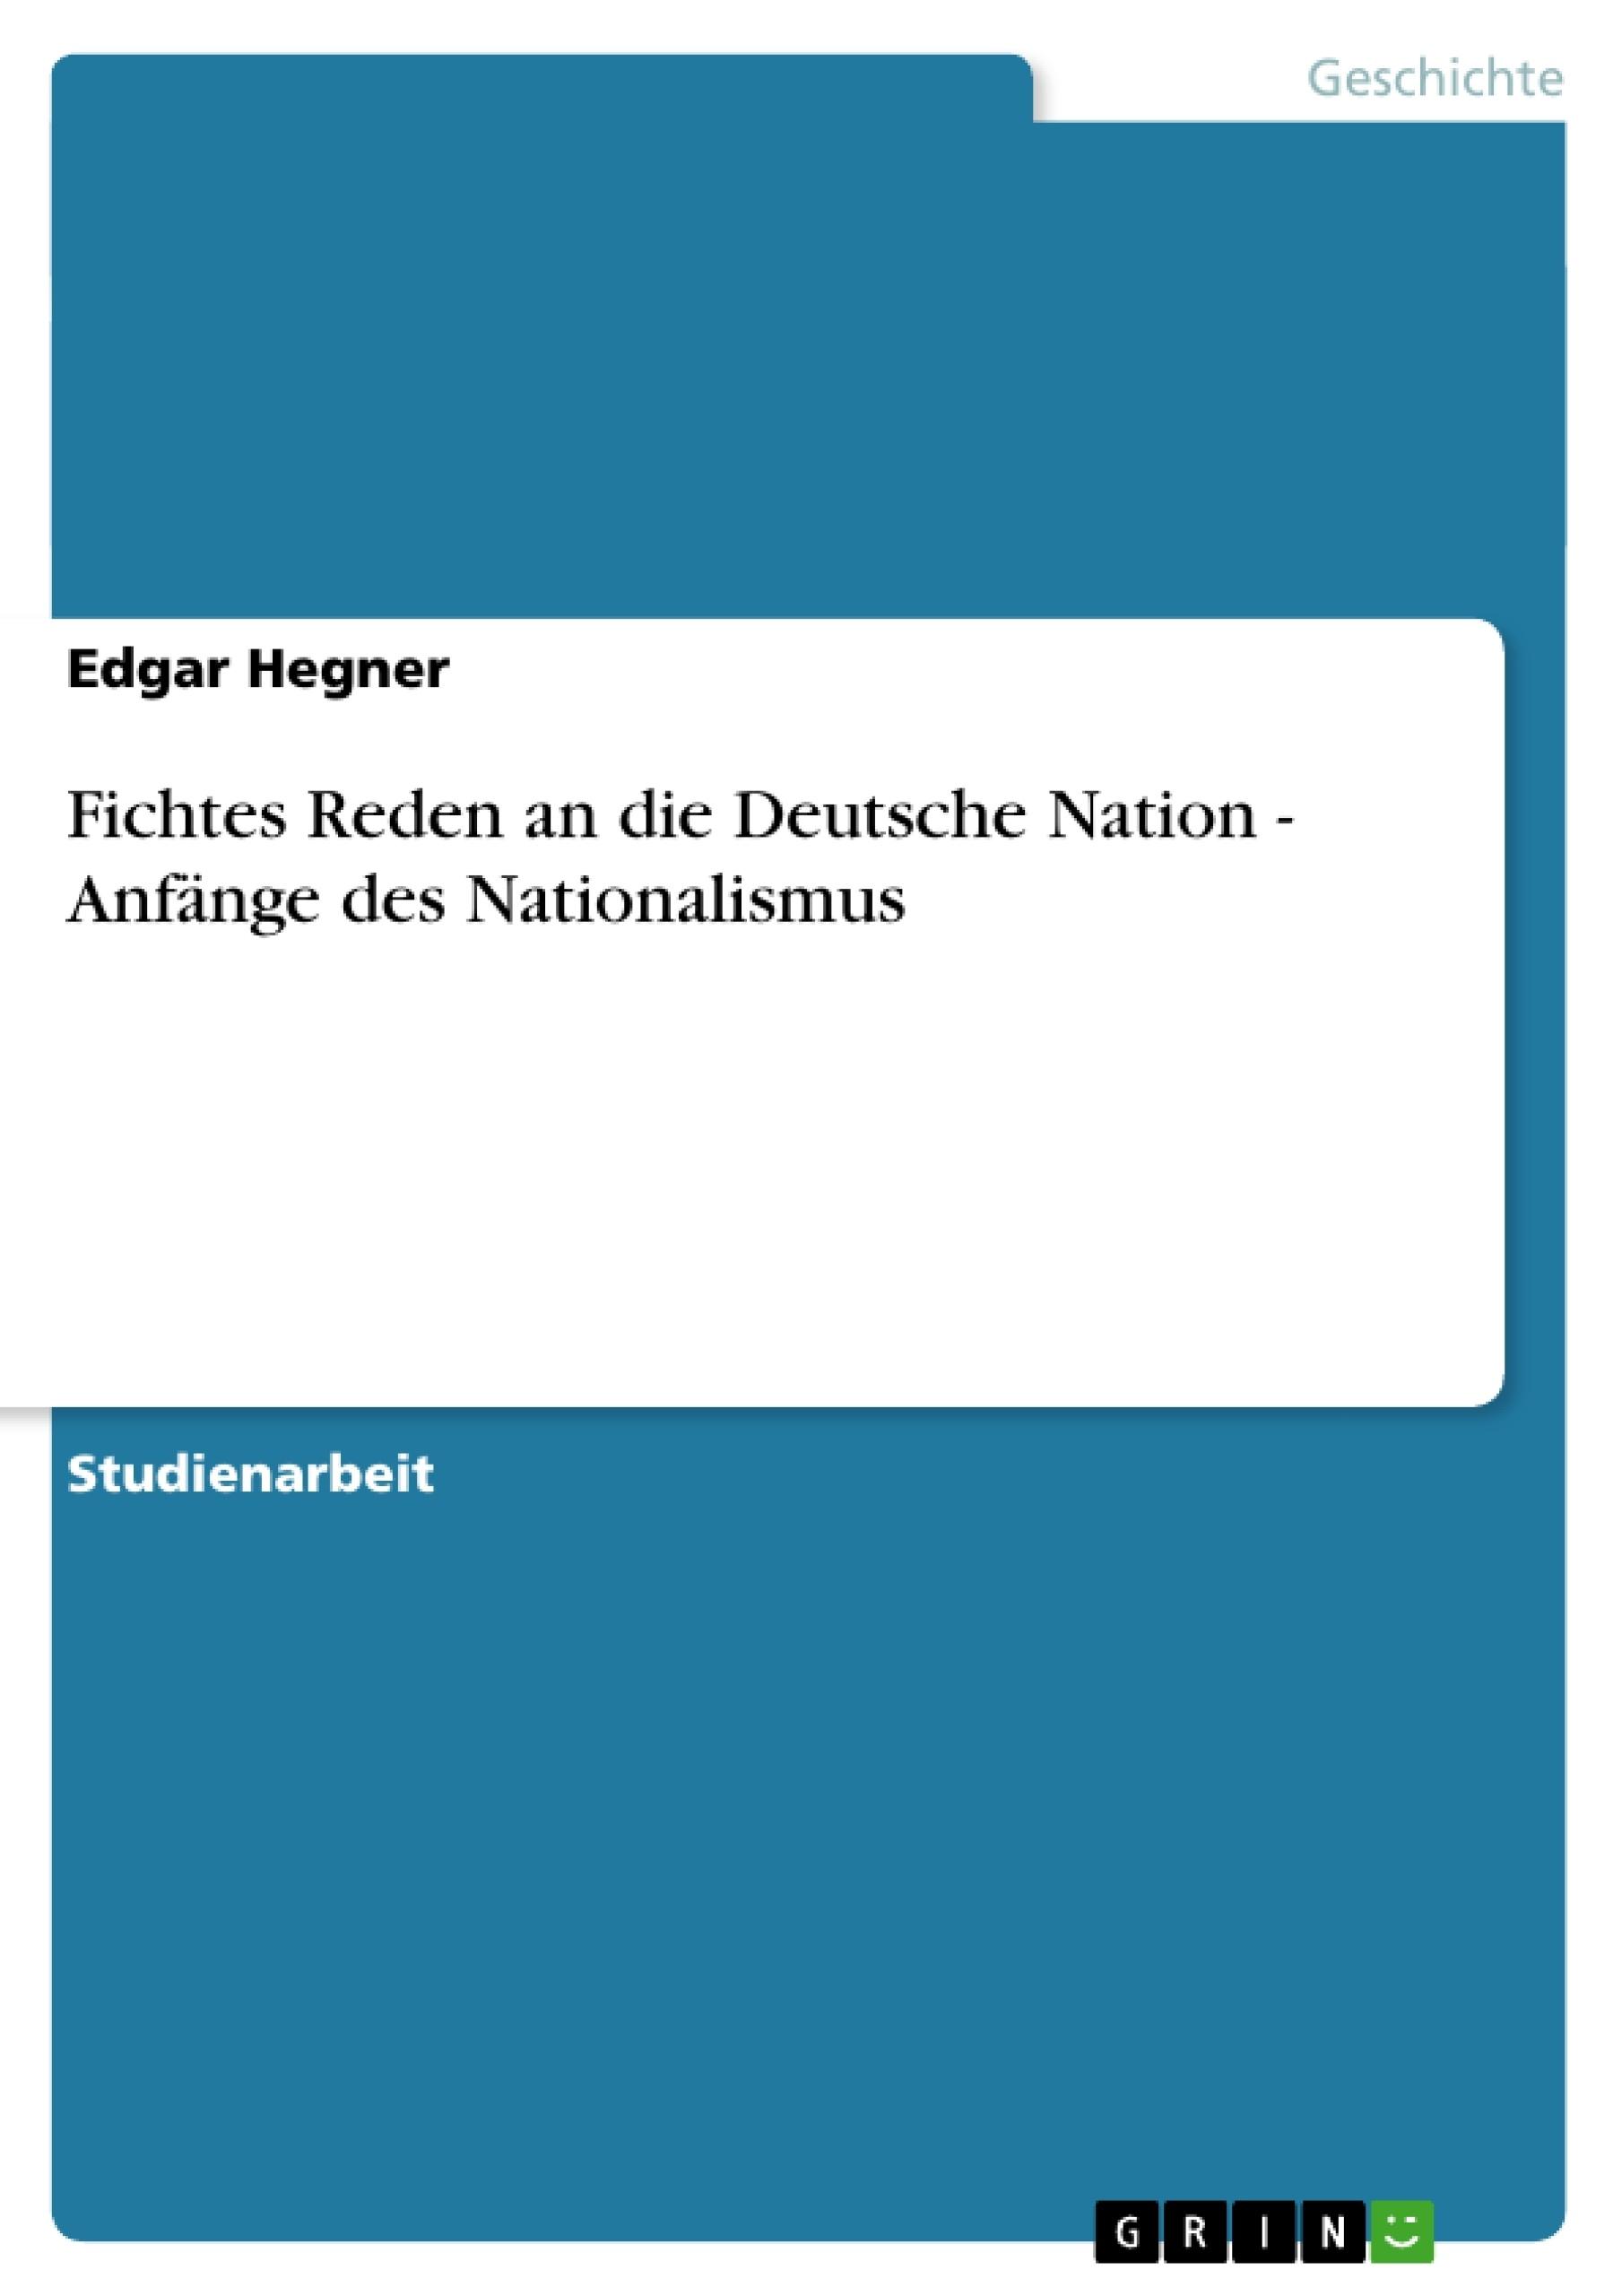 Titel: Fichtes Reden an die Deutsche Nation - Anfänge des Nationalismus